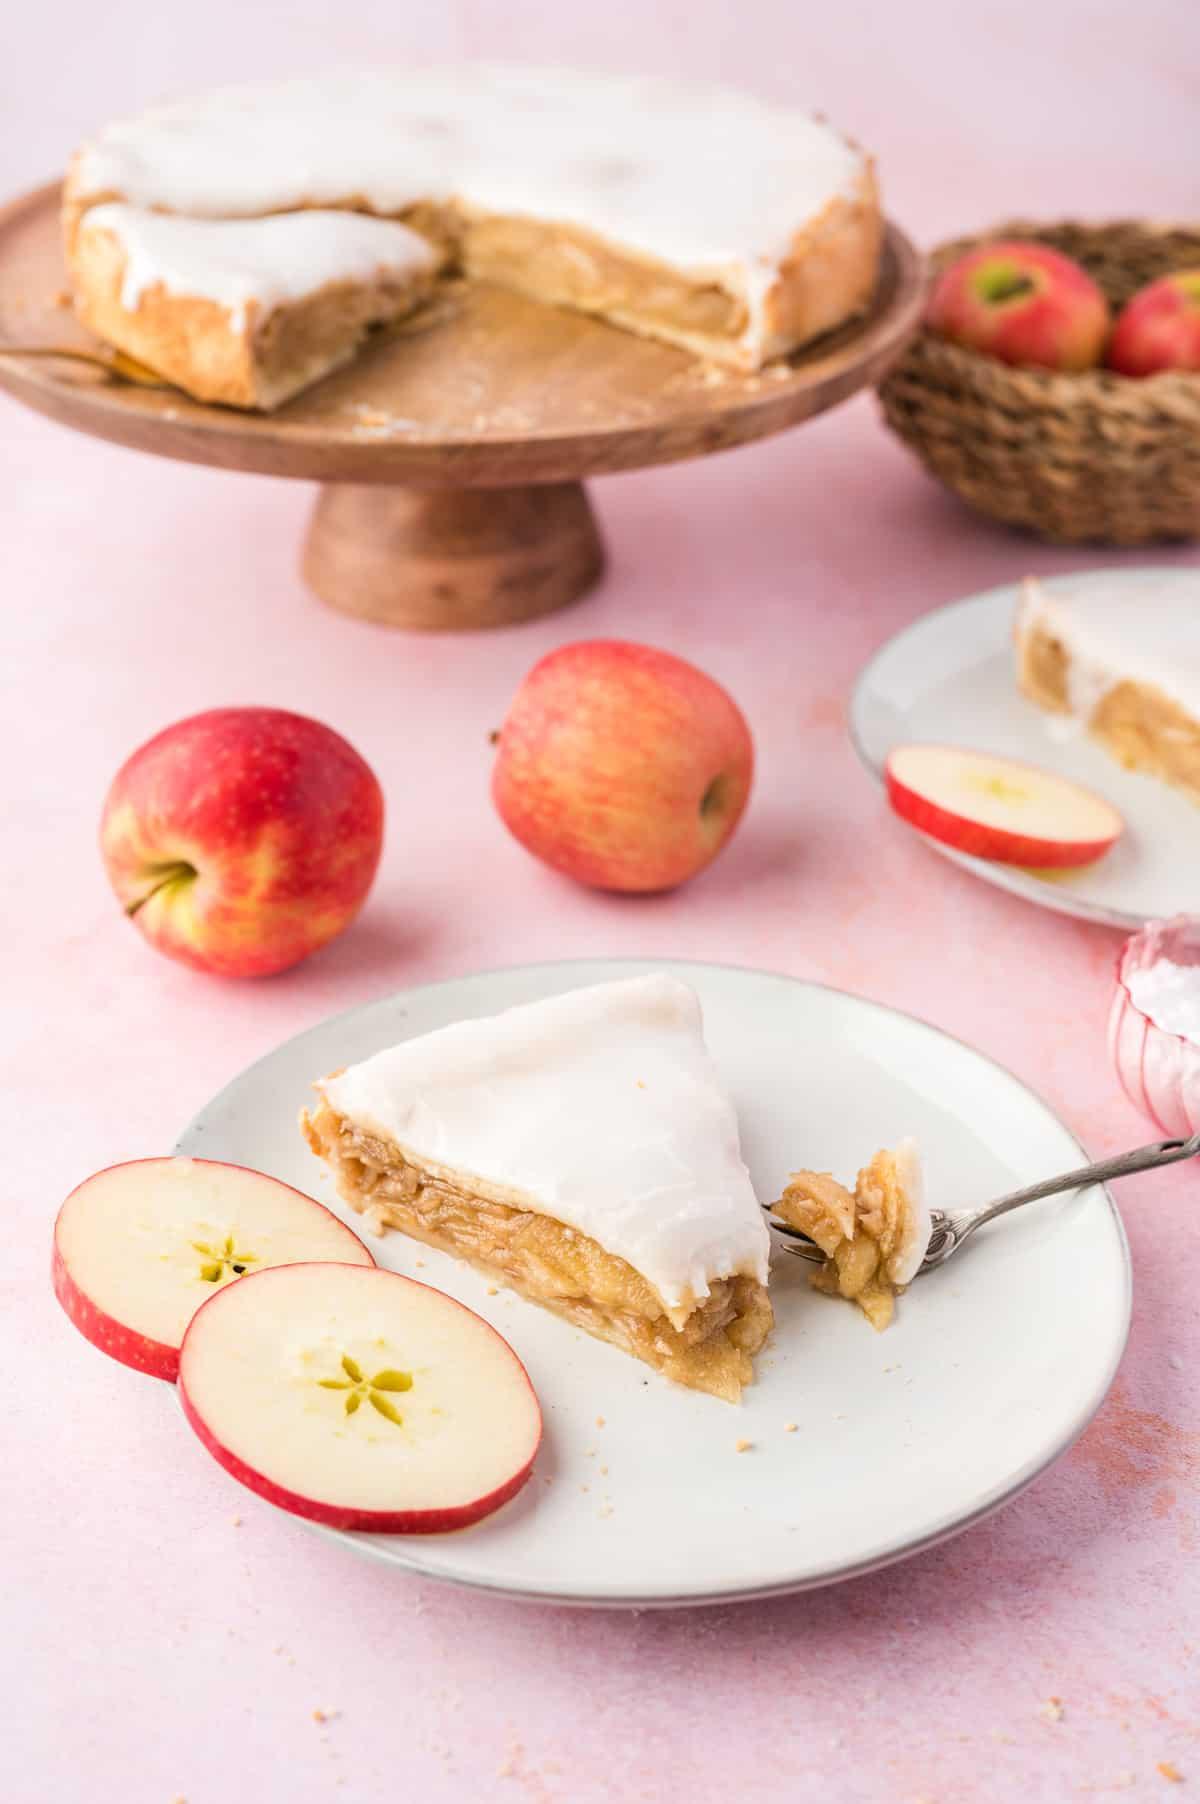 Gedeckter Apfelkuchen auf weißem Teller